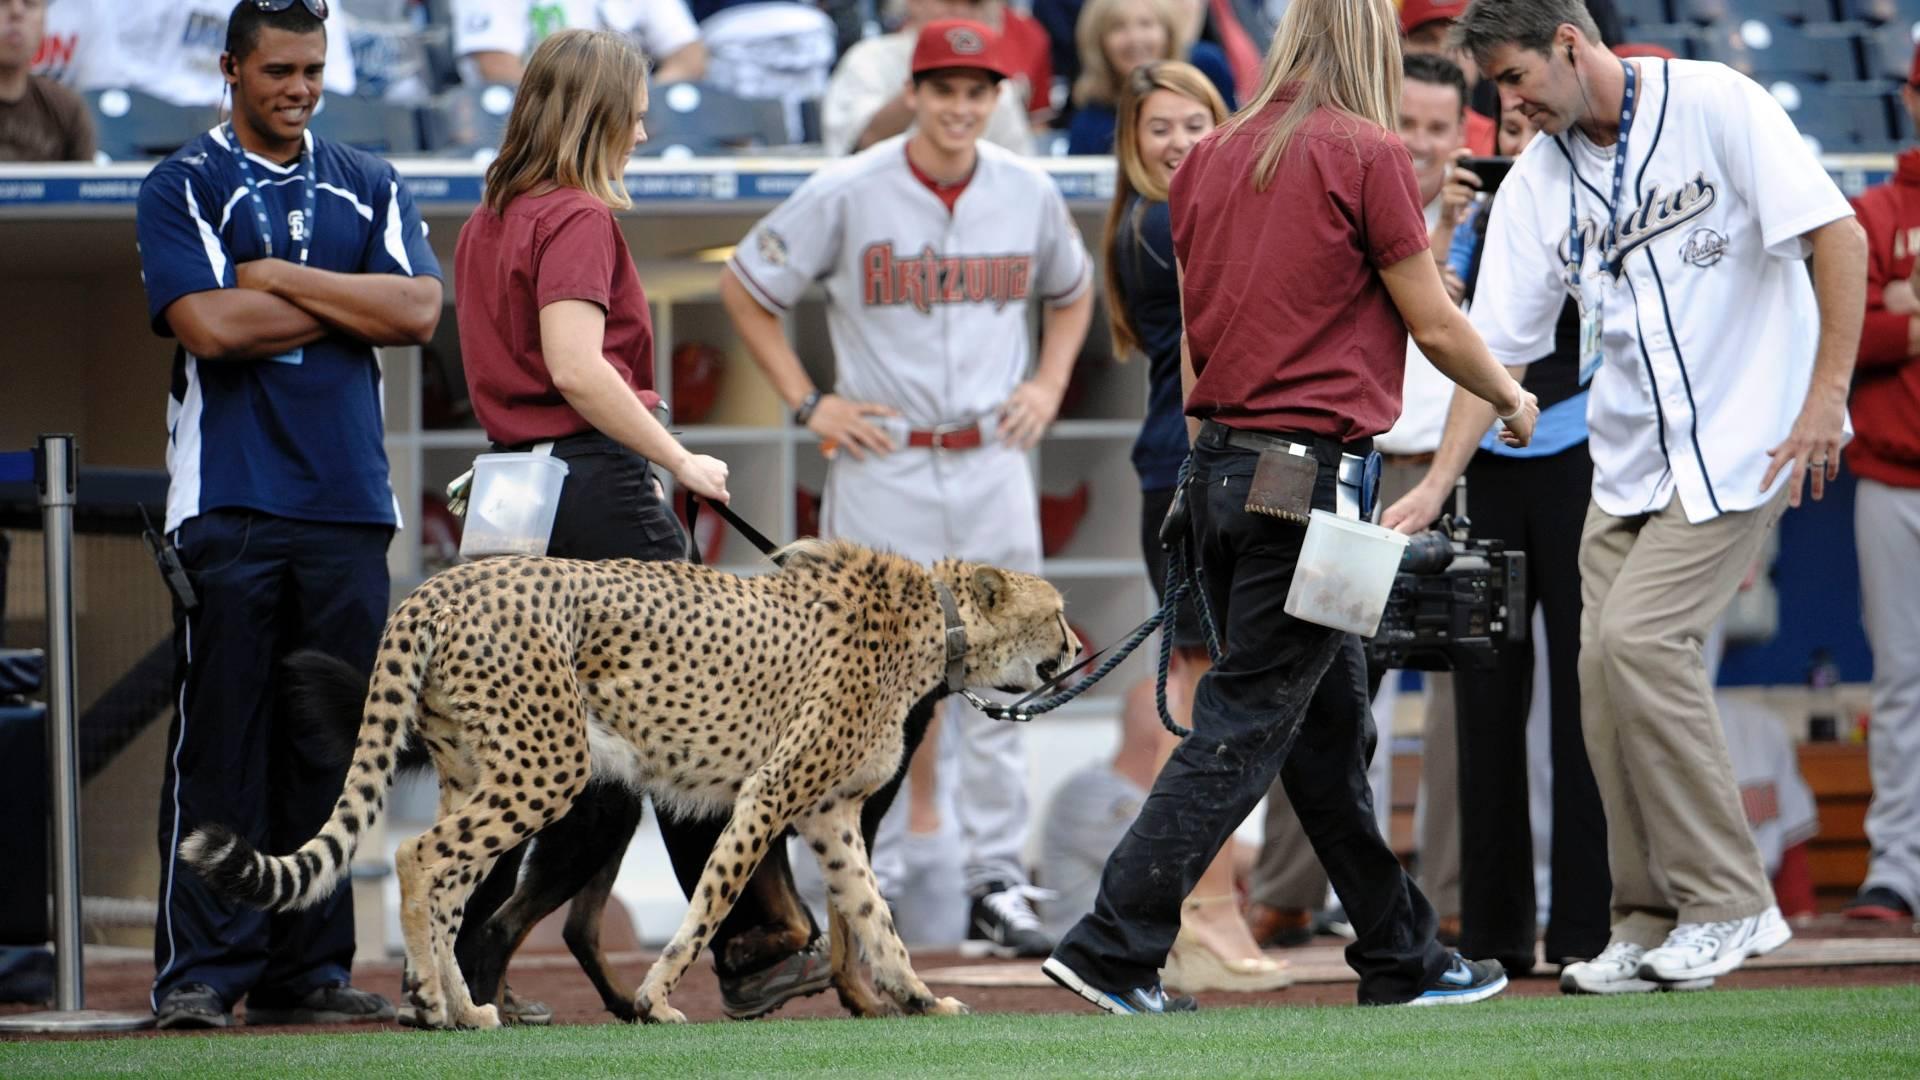 Majani, guepardo do zoológico de San Diego, aparece no estádio antes do jogo entre Arizona Diamondbacks e San Diego Padres pela MLB